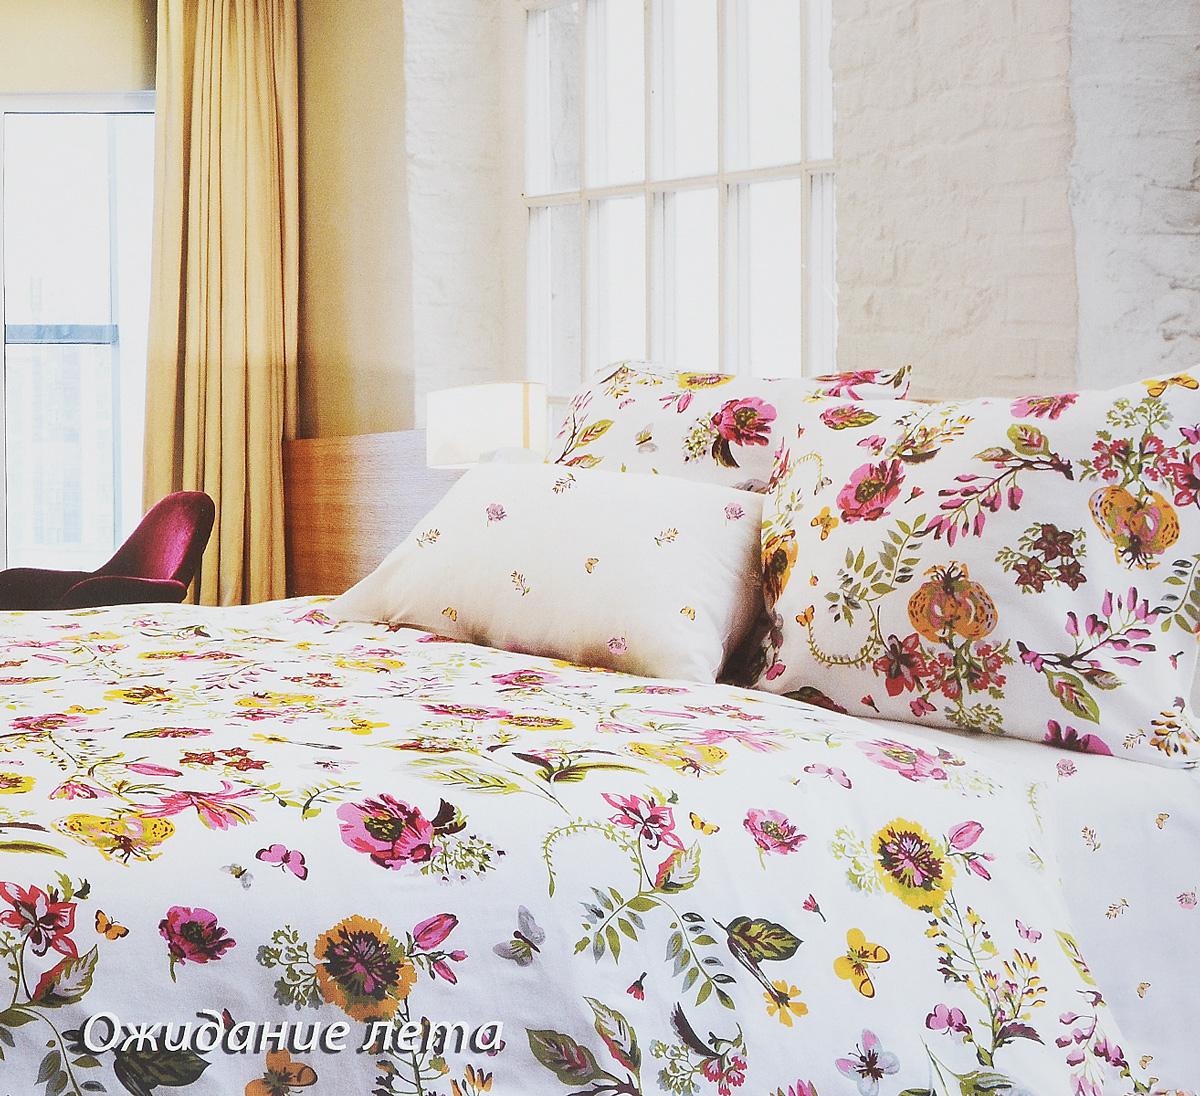 Комплект белья Tiffanys Secret Ожидание лета, 1,5-спальный, наволочки 70х70, цвет: белый, розовый, желтый2040816096Комплект постельного белья Tiffanys Secret Ожидание лета является экологически безопасным для всей семьи, так как выполнен из сатина (100% хлопок). Комплект состоит из пододеяльника, простыни и двух наволочек. Предметы комплекта оформлены оригинальным рисунком. Благодаря такому комплекту постельного белья вы сможете создать атмосферу уюта и комфорта в вашей спальне. Сатин - это ткань, навсегда покорившая сердца человечества. Ценившие роскошь персы называли ее атлас, а искушенные в прекрасном французы - сатин. Секрет высококачественного сатина в безупречности всего технологического процесса. Эту благородную ткань делают только из отборной натуральной пряжи, которую получают из самого лучшего тонковолокнистого хлопка. Благодаря использованию самой тонкой хлопковой нити получается необычайно мягкое и нежное полотно. Сатиновое постельное белье превращает жаркие летние ночи в прохладные и освежающие, а холодные зимние - в теплые и согревающие. ...